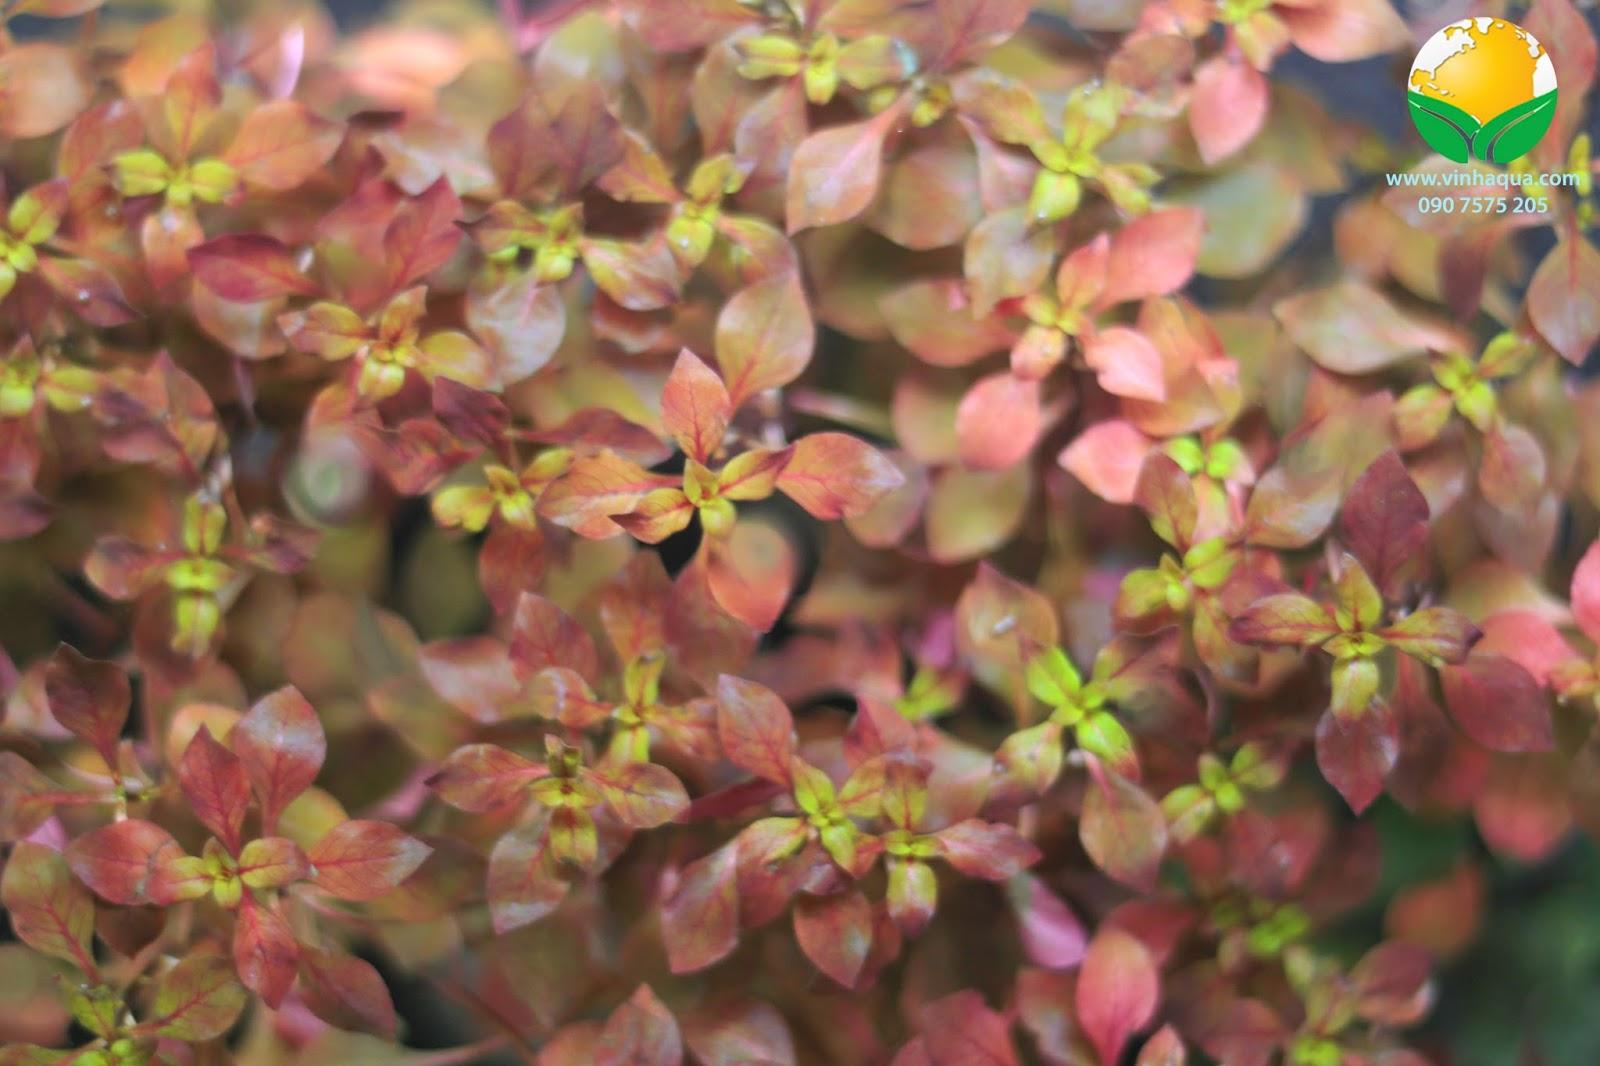 Cận cảnh vẻ đẹp của cây thủy sinh tân đế tài hồng